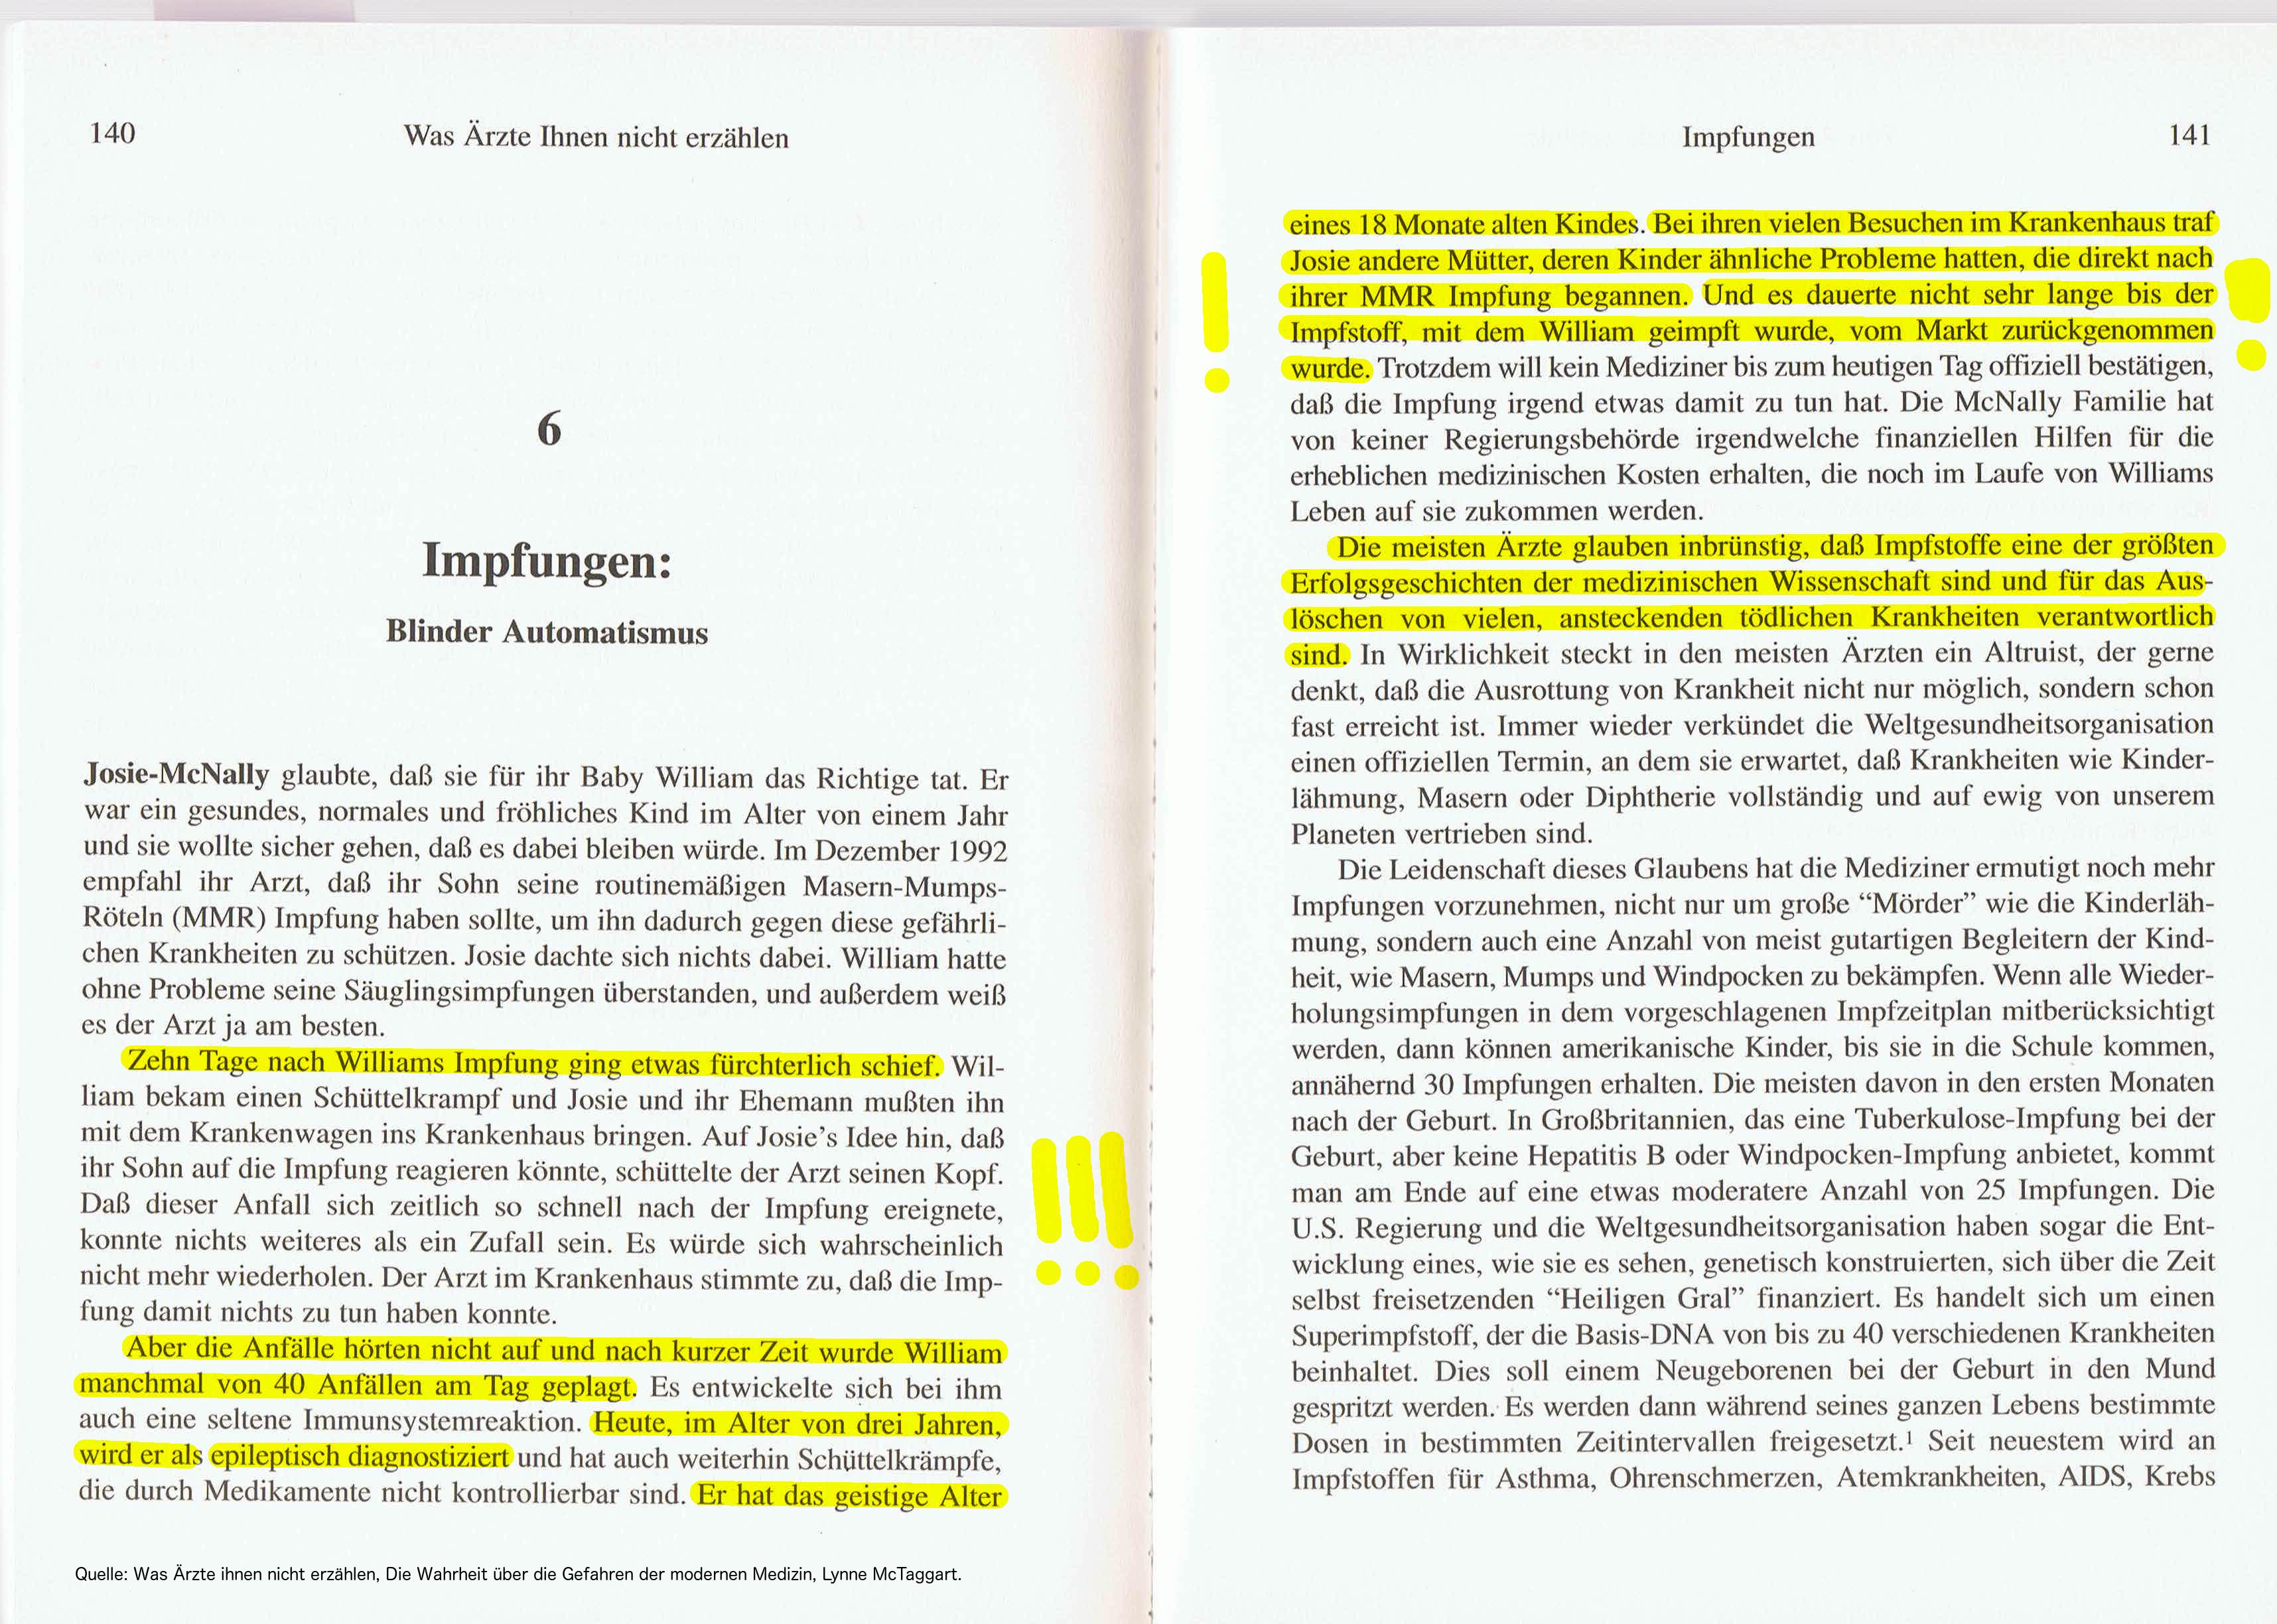 140-Kapitel-6-Impfungen-2